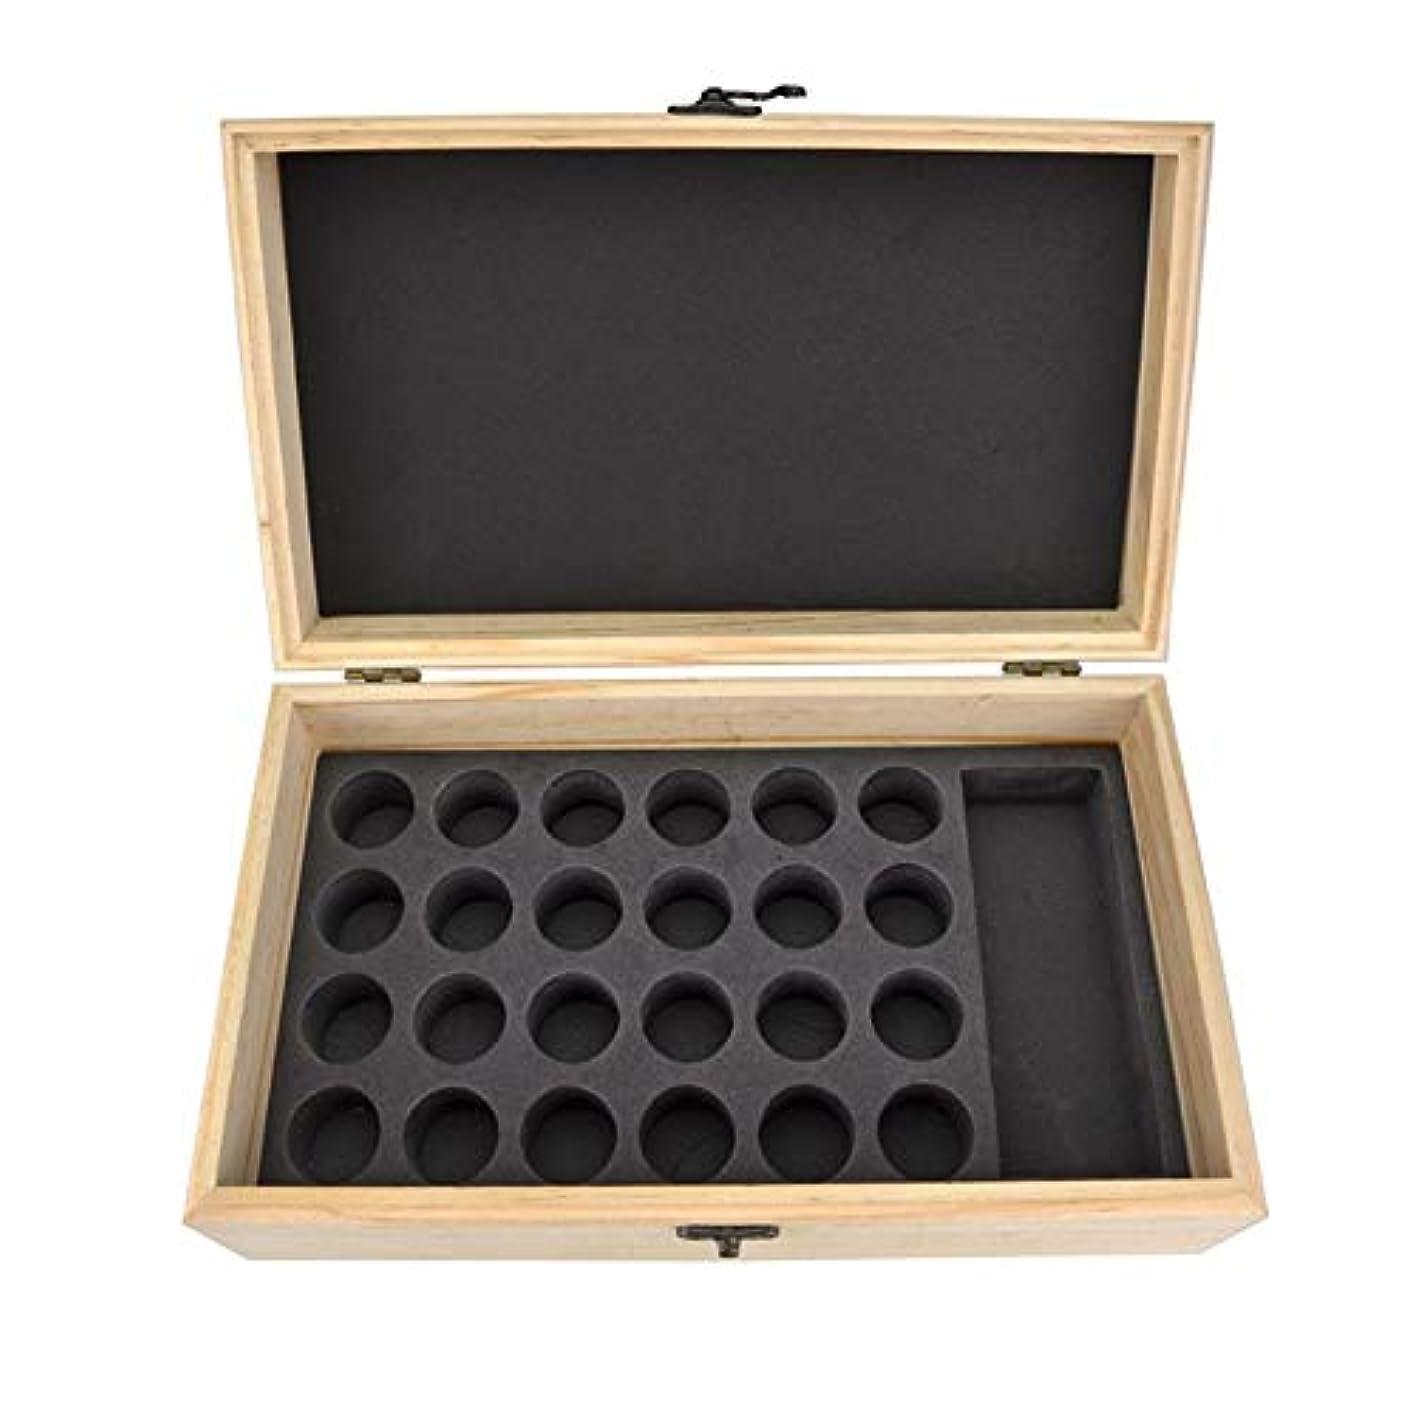 長いですお別れ貨物エッセンシャルオイル収納ボックス 25スロット木製エッセンシャルオイル木製ボックスオイルの収納ケースは、25本のボトルナチュラルパインを開催します (色 : Natural, サイズ : 28.8X16.7X10CM)